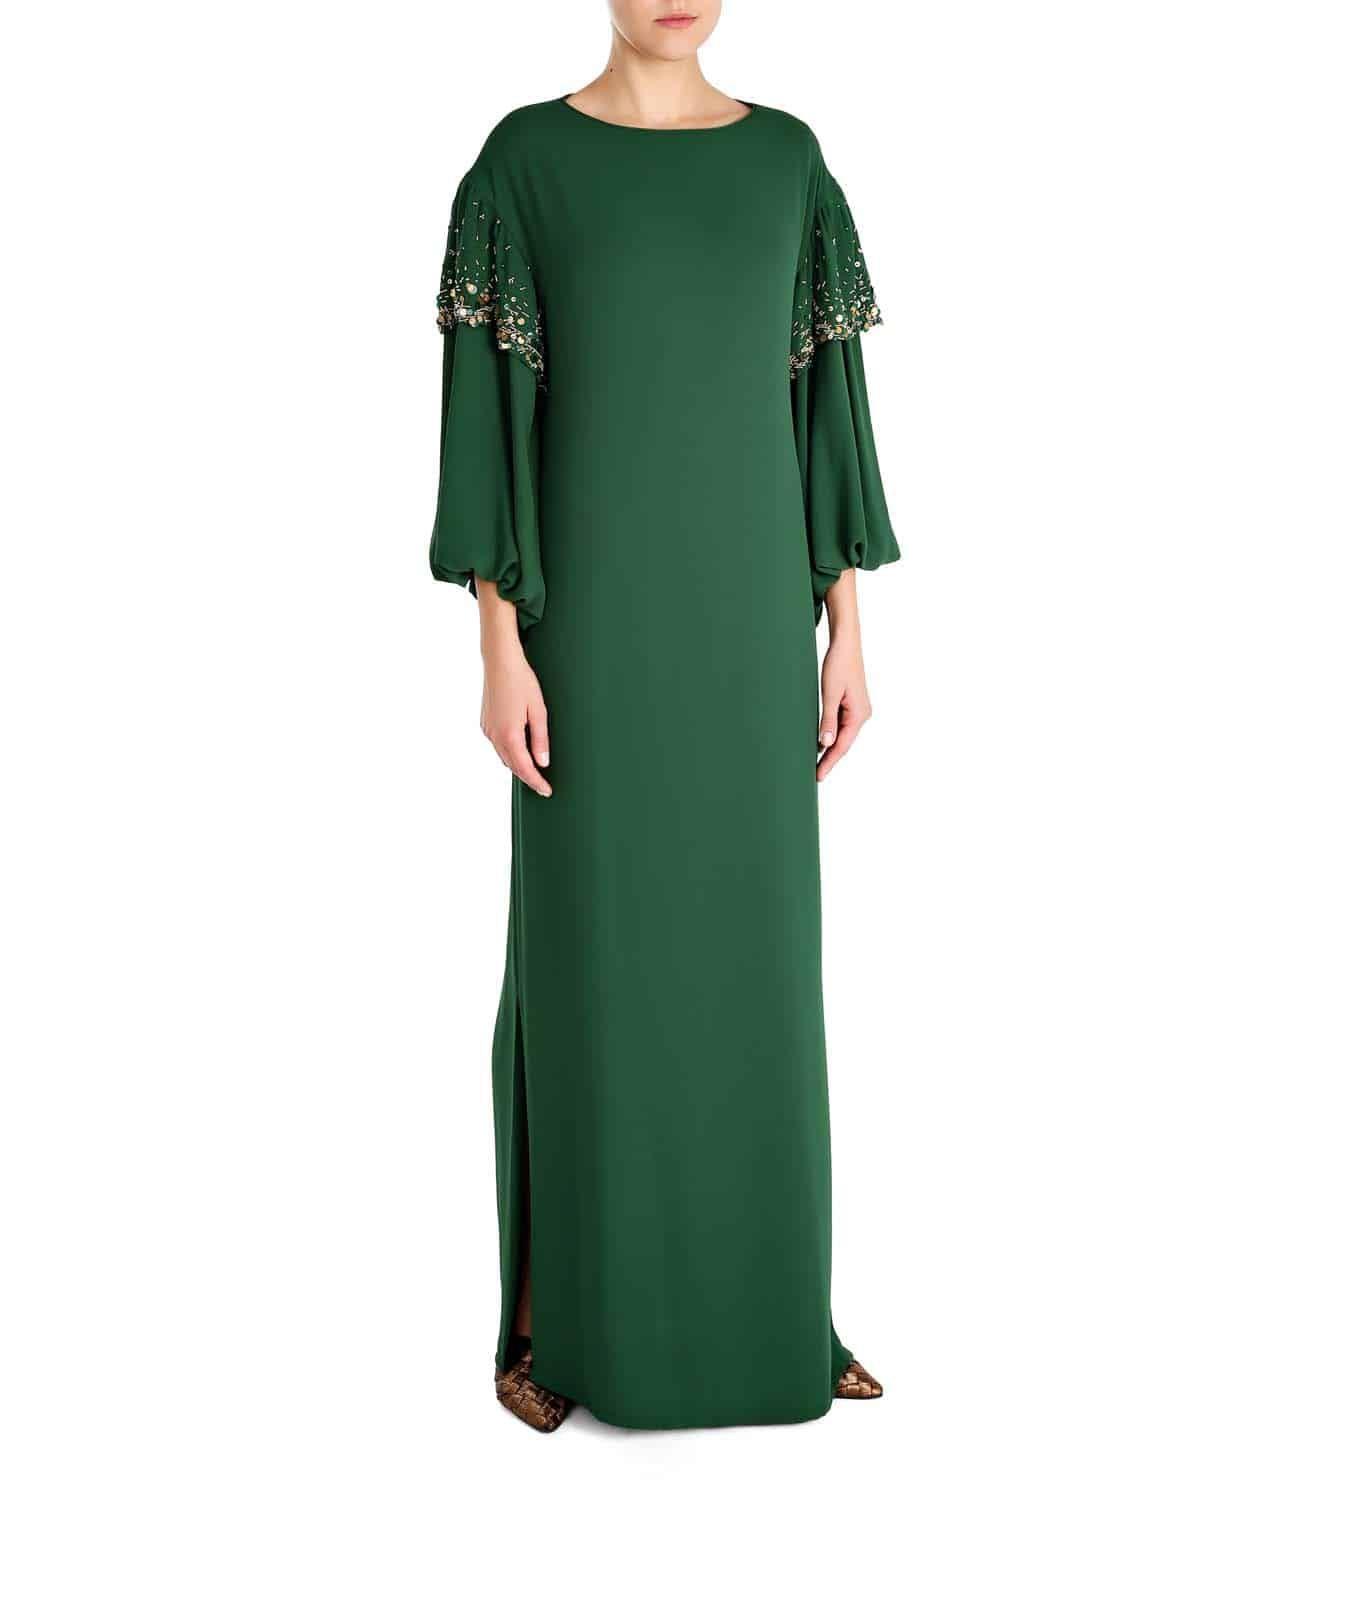 موديلات فخمة من ماركة أمل الرئيسي لصيف 2019 Fashion Shoulder Dress Dresses